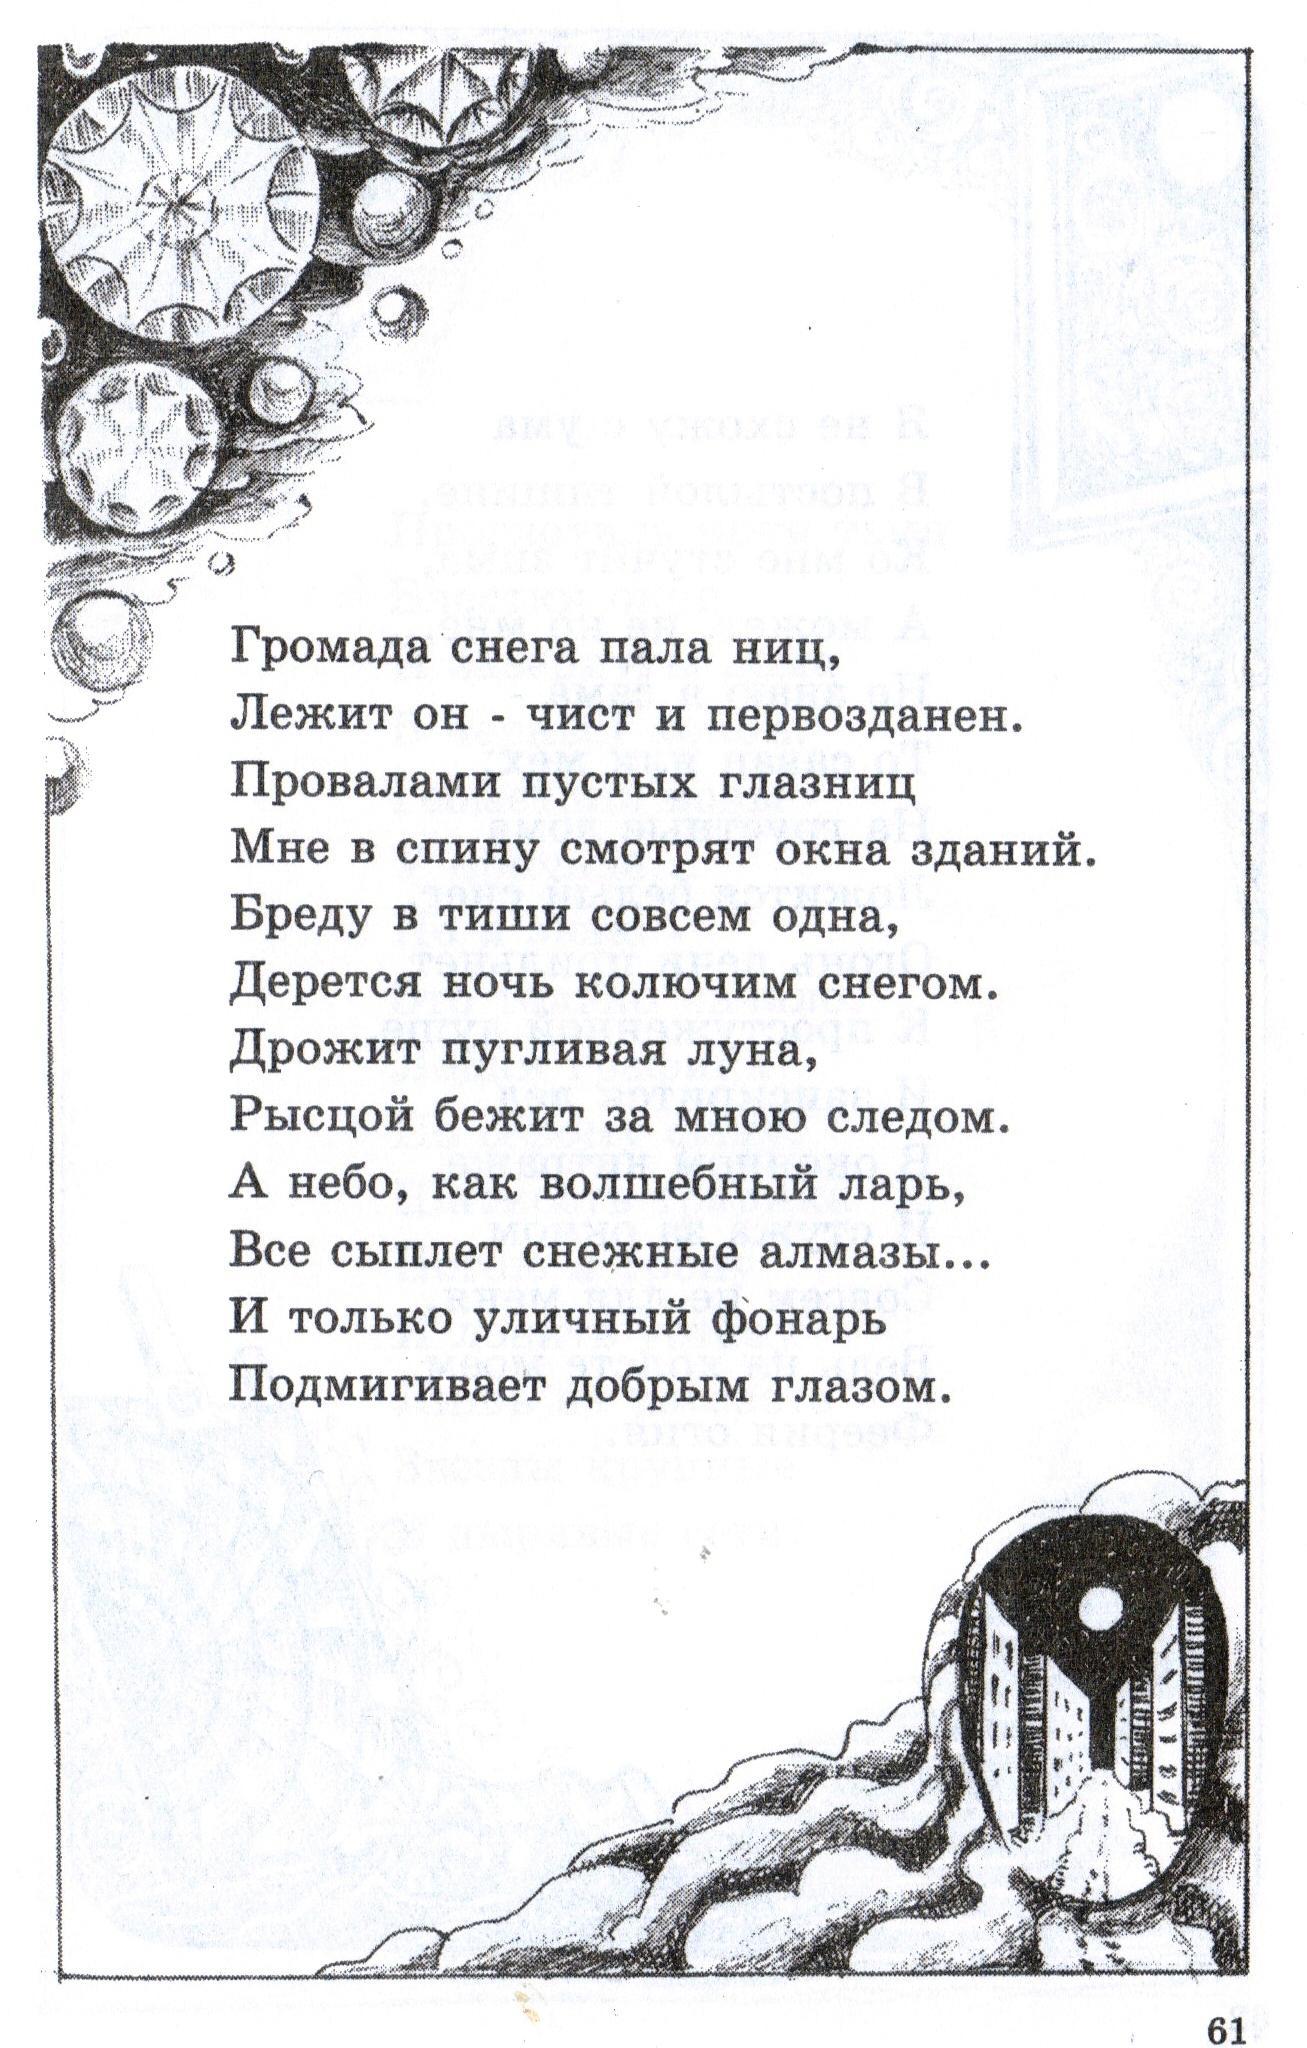 https://s.poembook.ru/theme/51/c9/c8/32b0073afbb9e7a4ee681d0d9232f0580bd59d21.jpeg